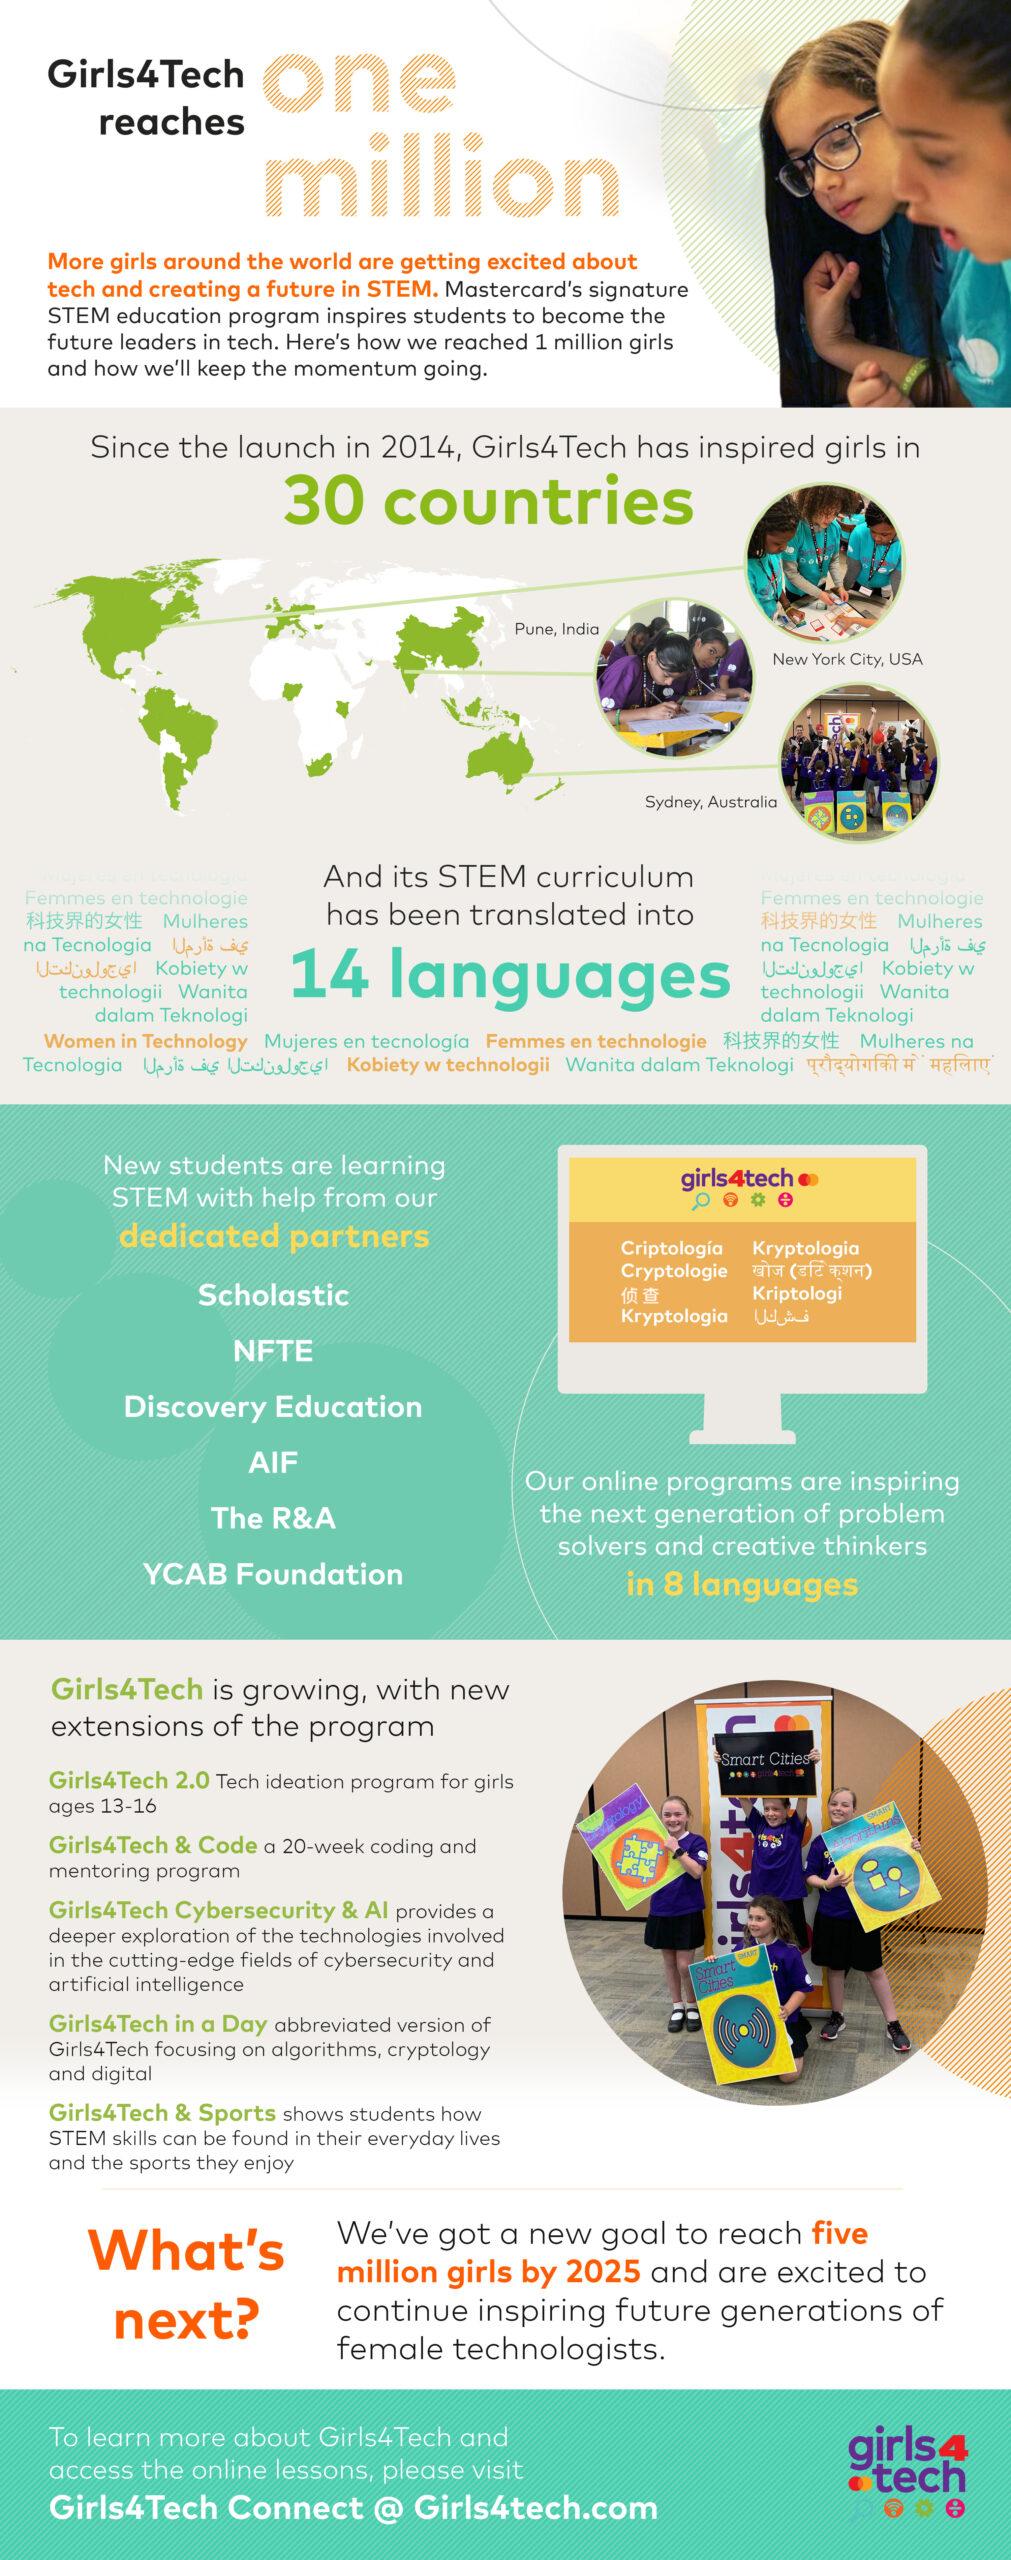 Istorijski trenutak: Girls4Tech™ okuplja milion devojčica u 30 zemalja